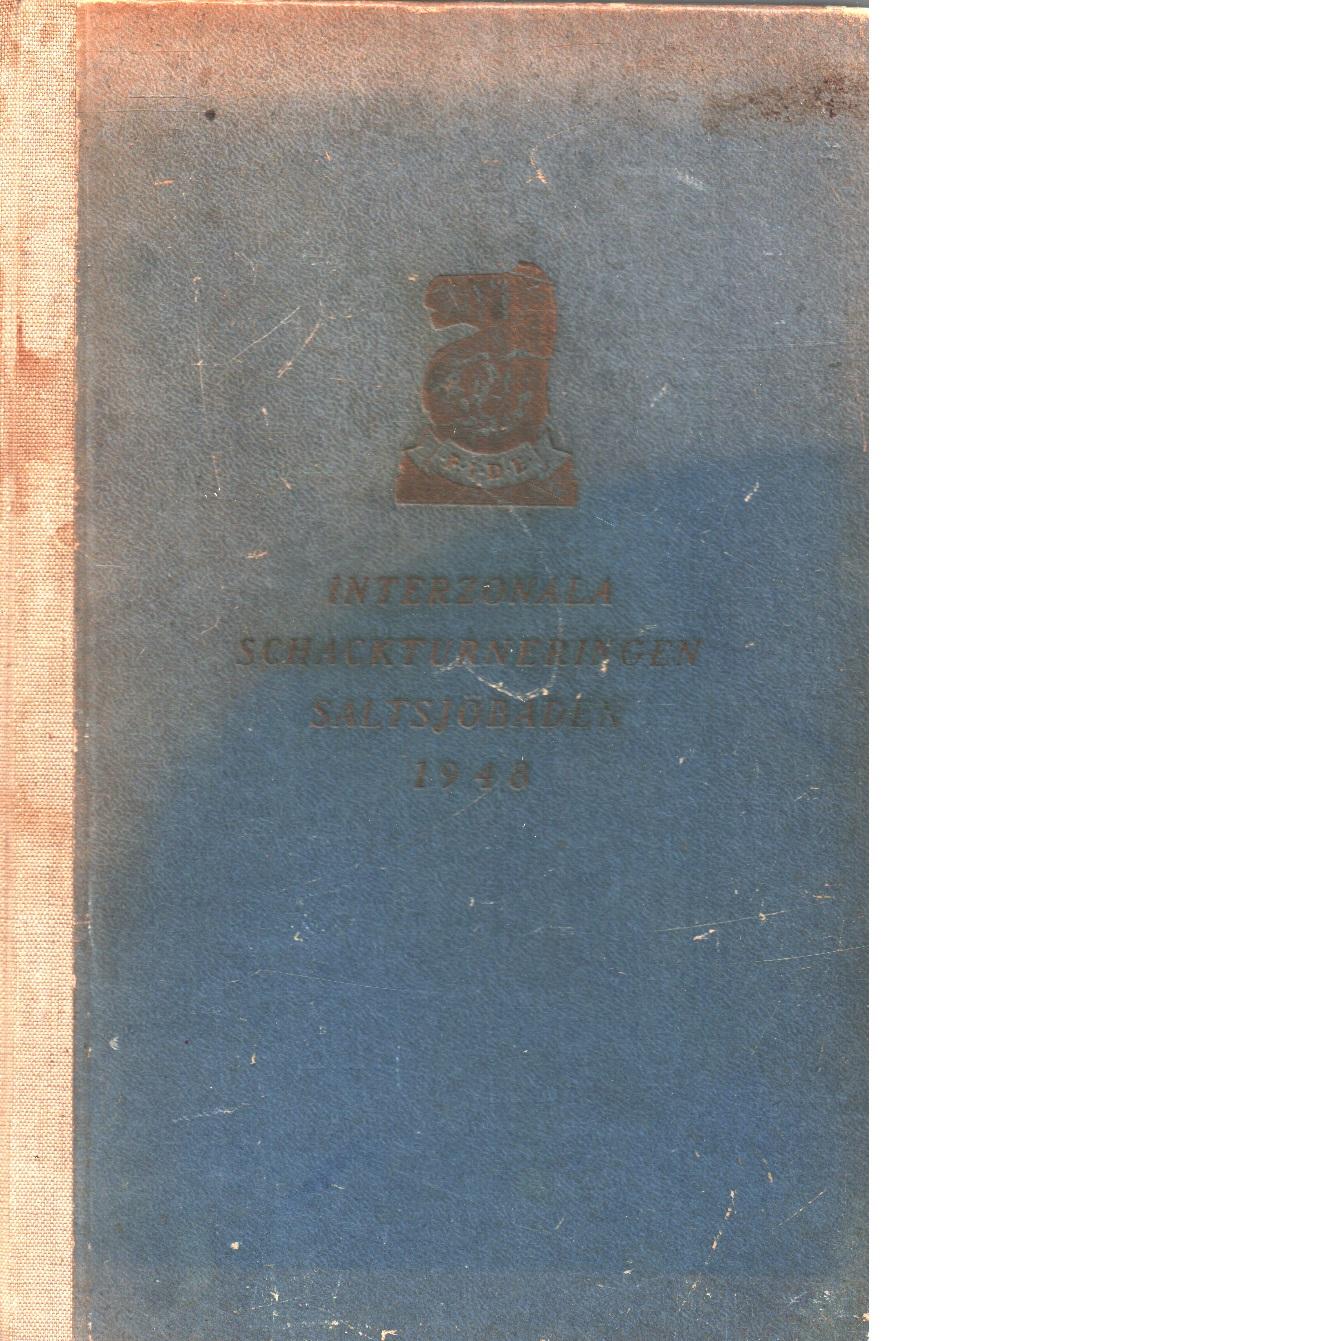 Interzonala schackturneringen, Saltsjöbaden 1948 : turneringsbok / utgiven av Sveriges schackförbund. Med kommentarer och analyser av Gideon Ståhlberg - Red.